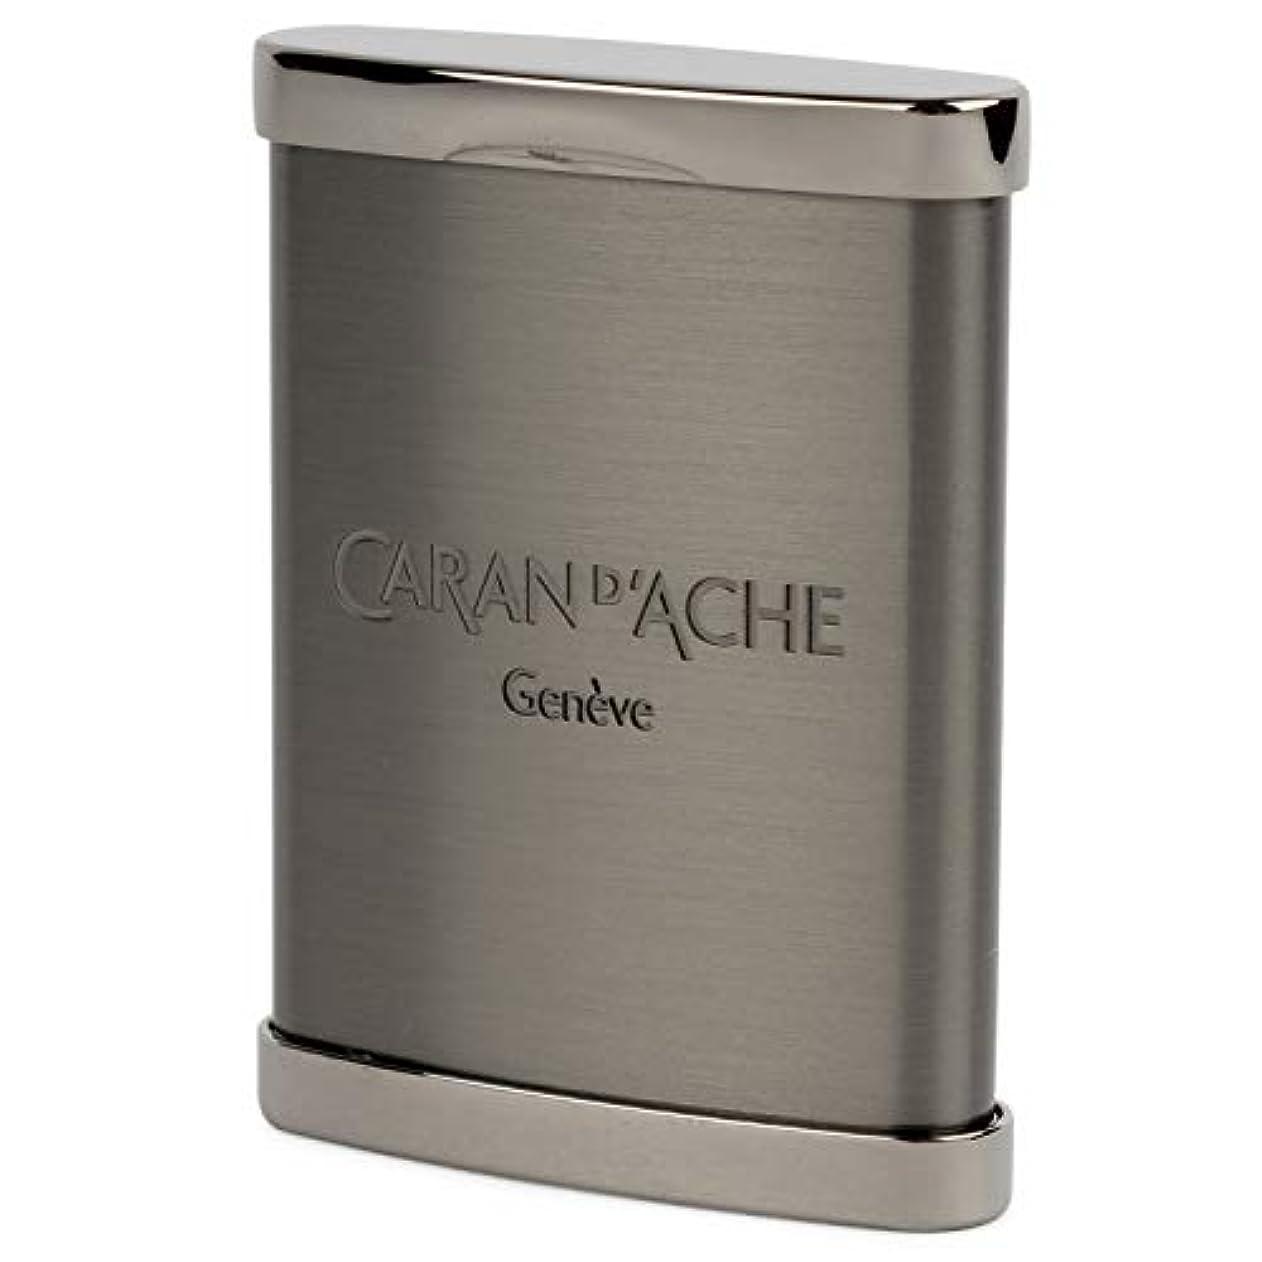 道徳分析教義CARAN d'ACHE(カランダッシュ) 携帯灰皿 サテン仕上げ